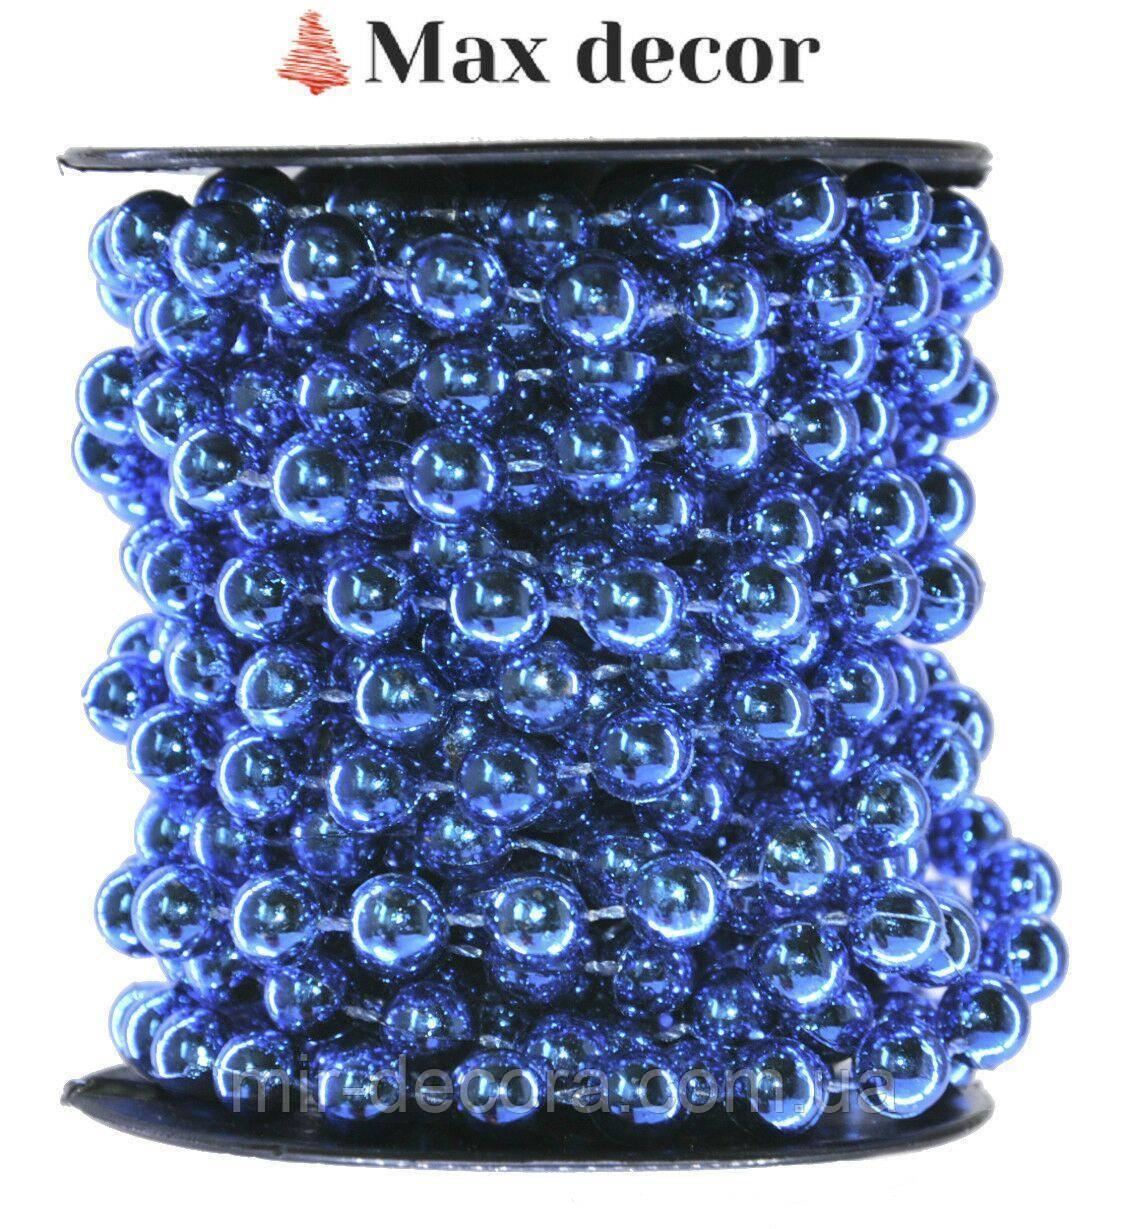 Бусы пластиковые новогодние 12 мм синие